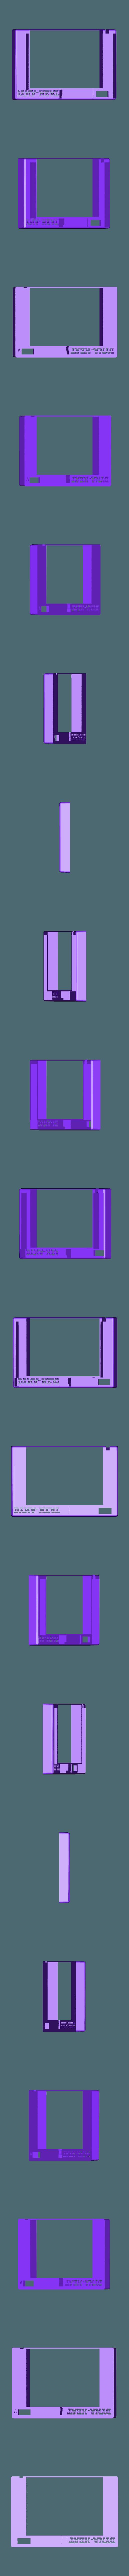 Dynavap_Case_1120_v4_Top.stl Télécharger fichier STL gratuit Dyna-Heat v4 1120 Pélican Case Induction Heater • Objet imprimable en 3D, PM_ME_YOUR_VALUE